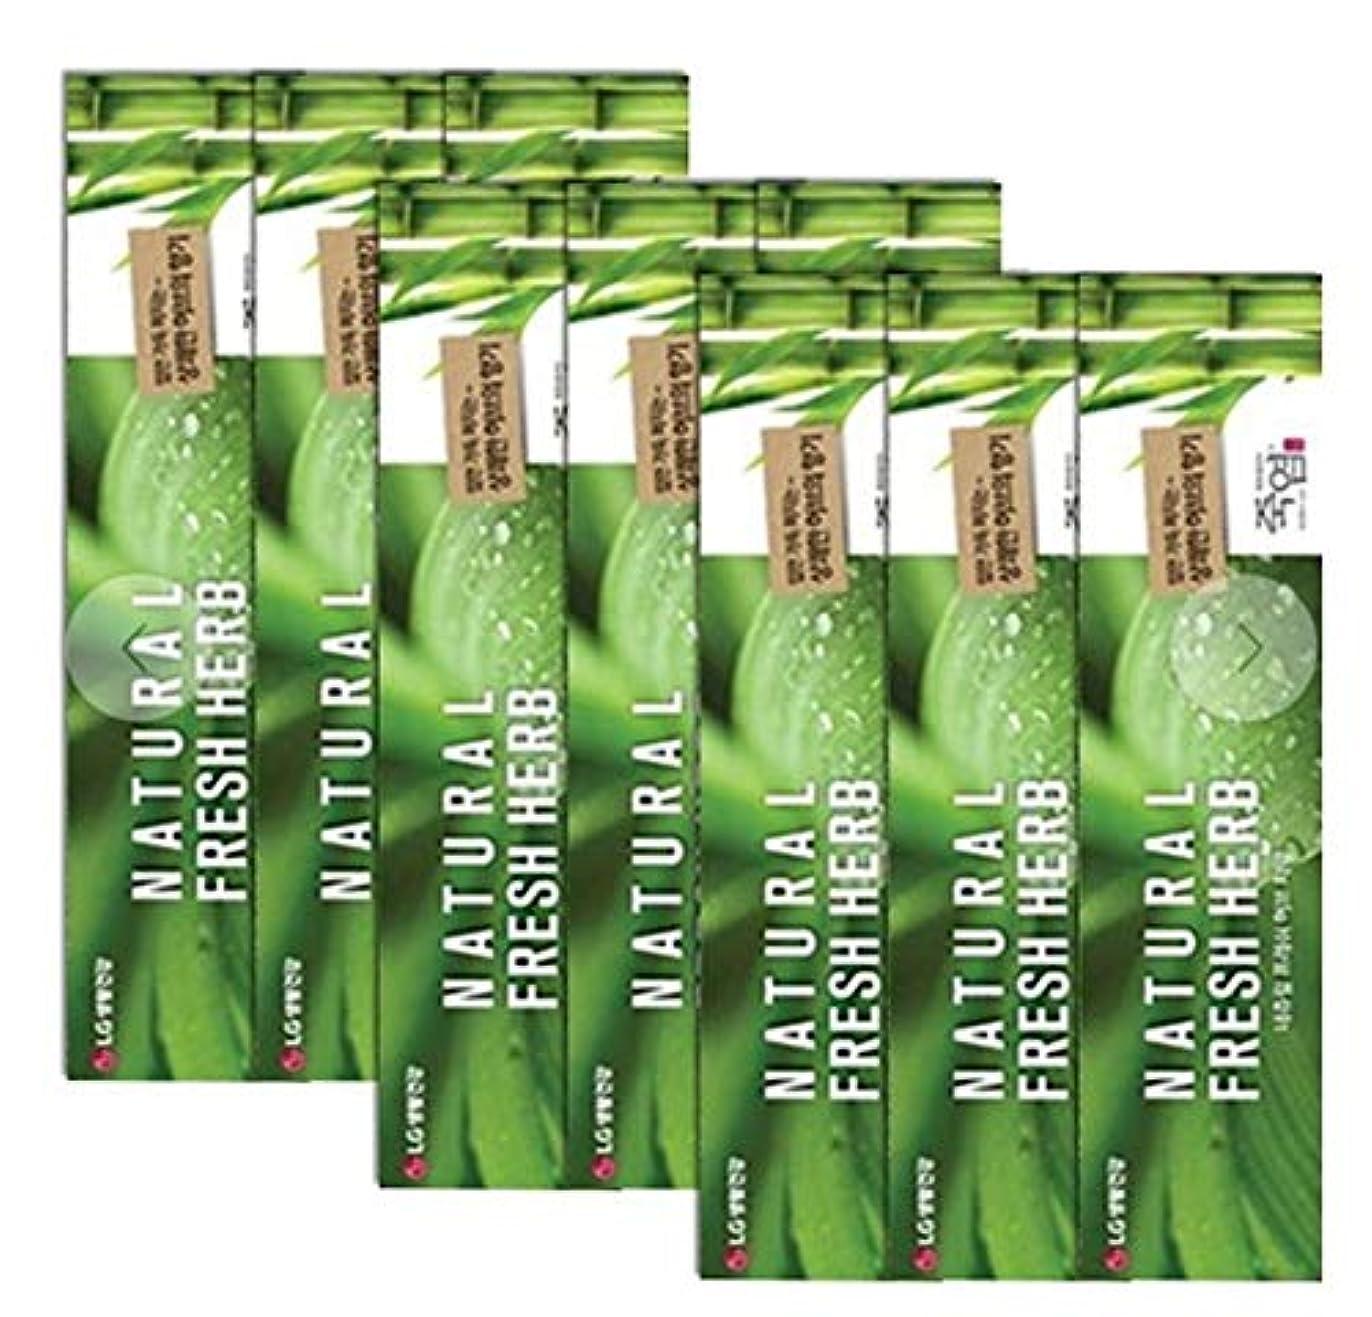 実業家リップ生産性[LG生活と健康] LG竹塩Natural Freshナチュラルフレッシュハブ歯磨き粉160g*9つの(海外直送品)